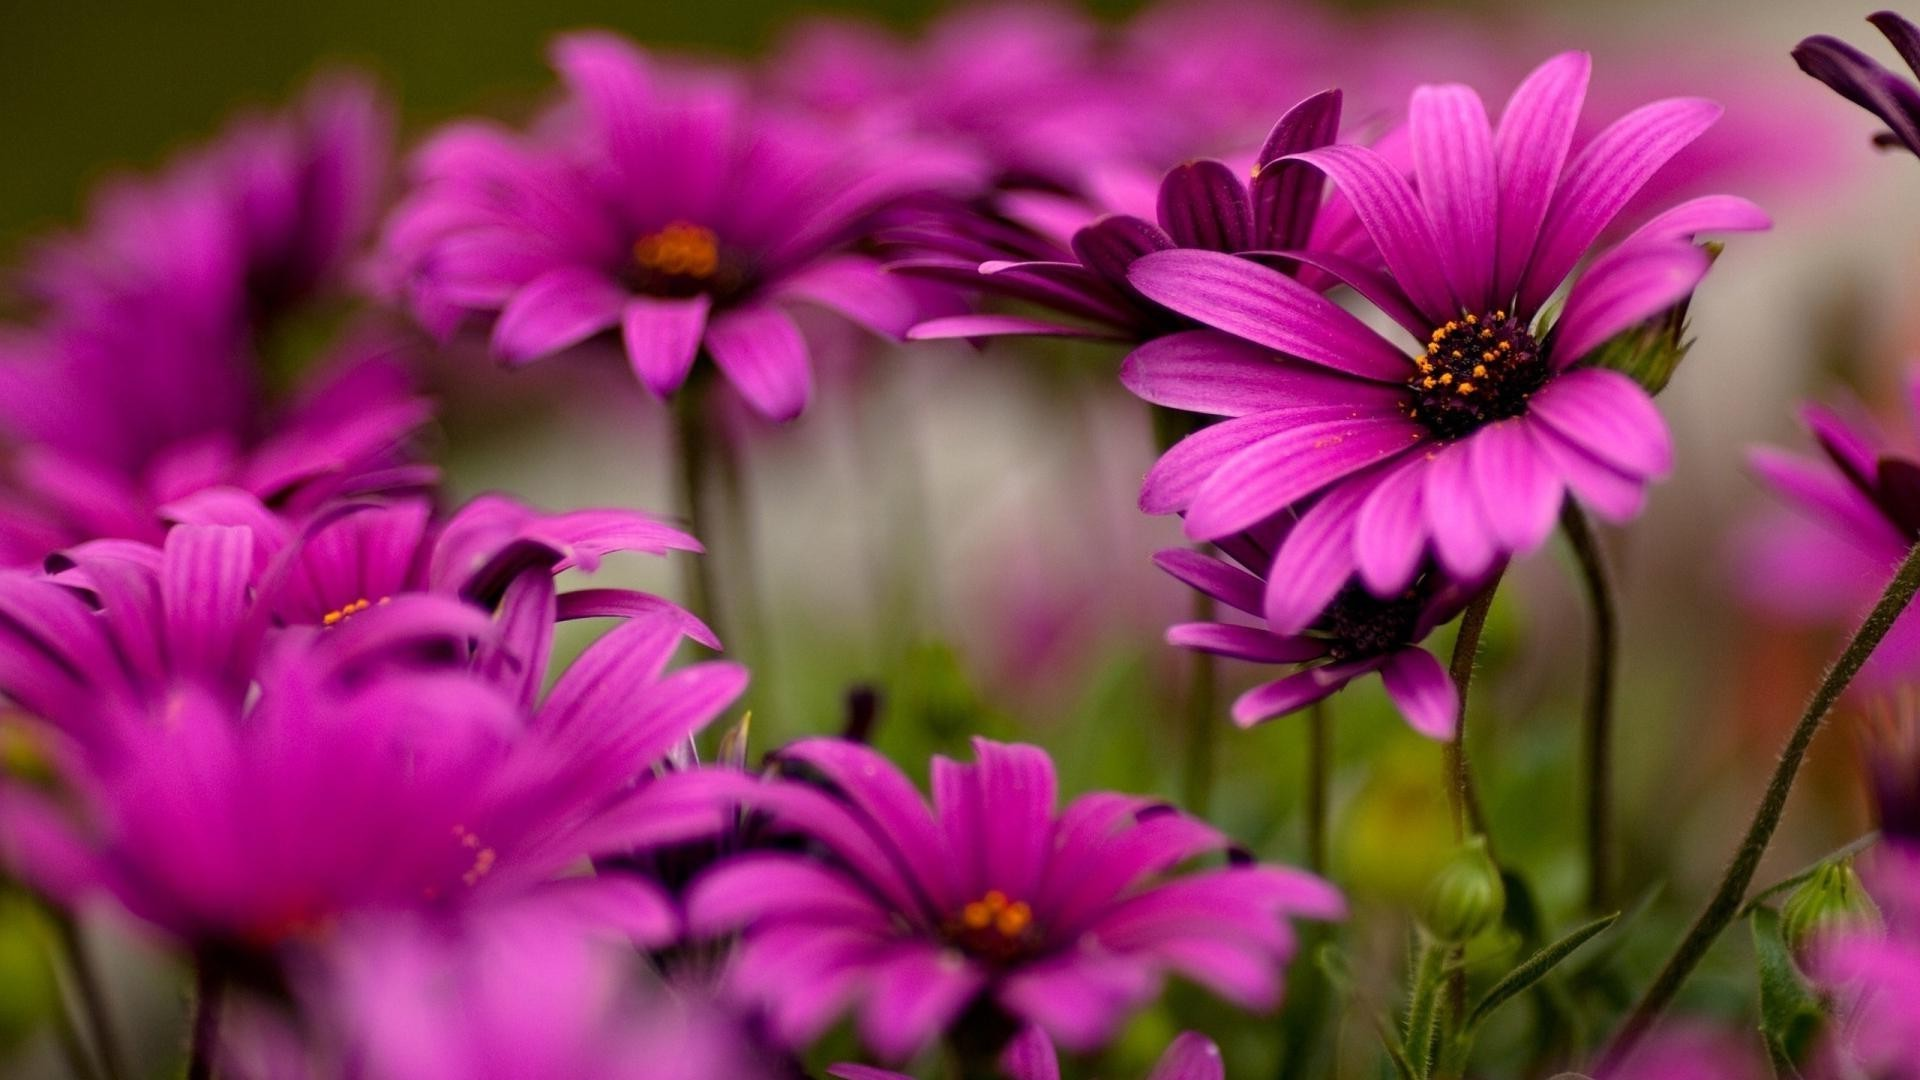 Фото с цветами для фейсбука